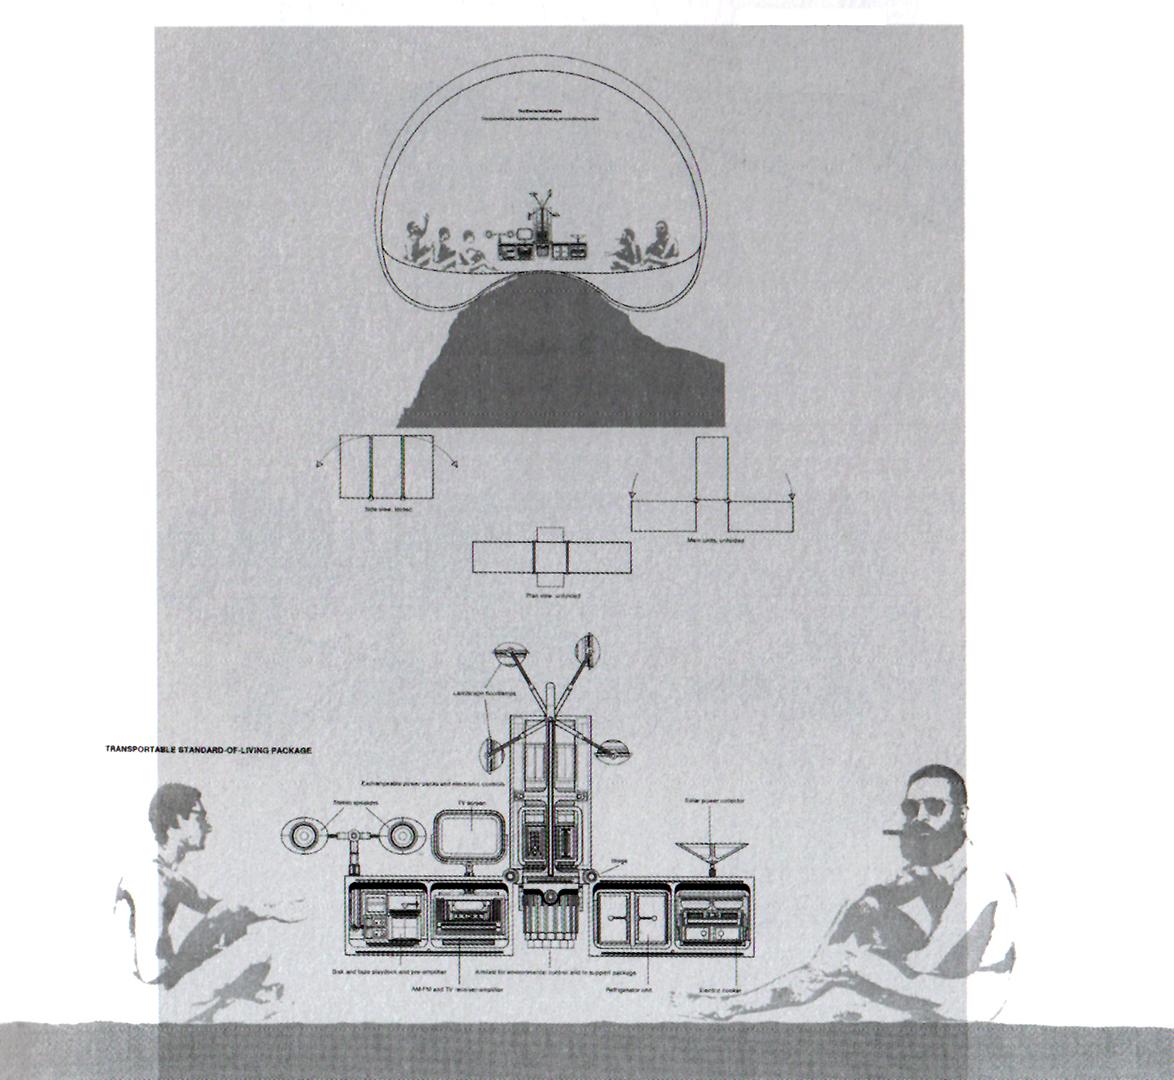 19_1965_The environment bubble - F Dallegret